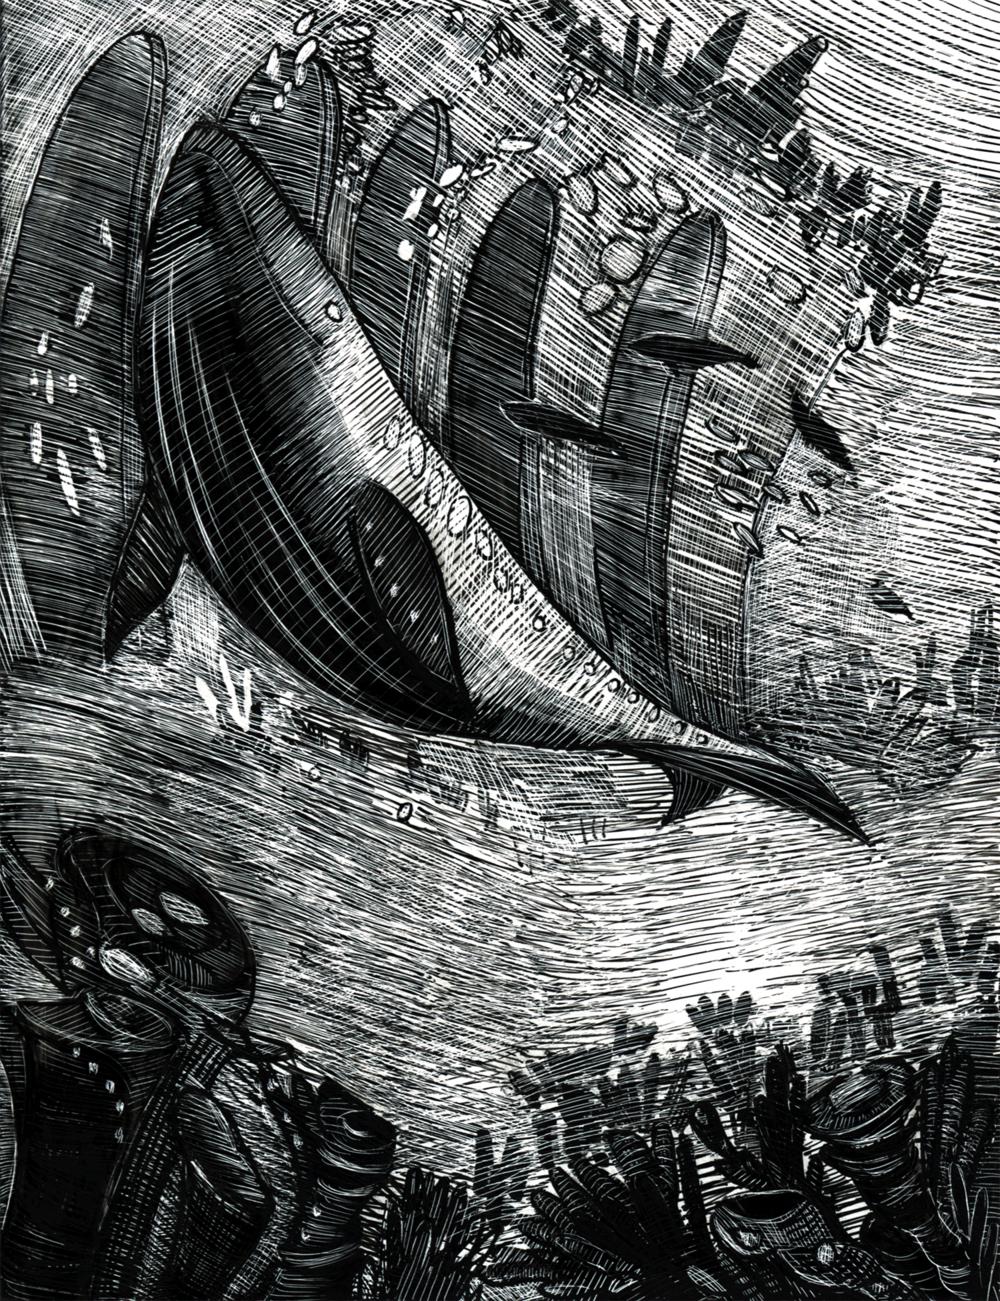 """Whale. Scratchboard. 5 x 6.5""""."""